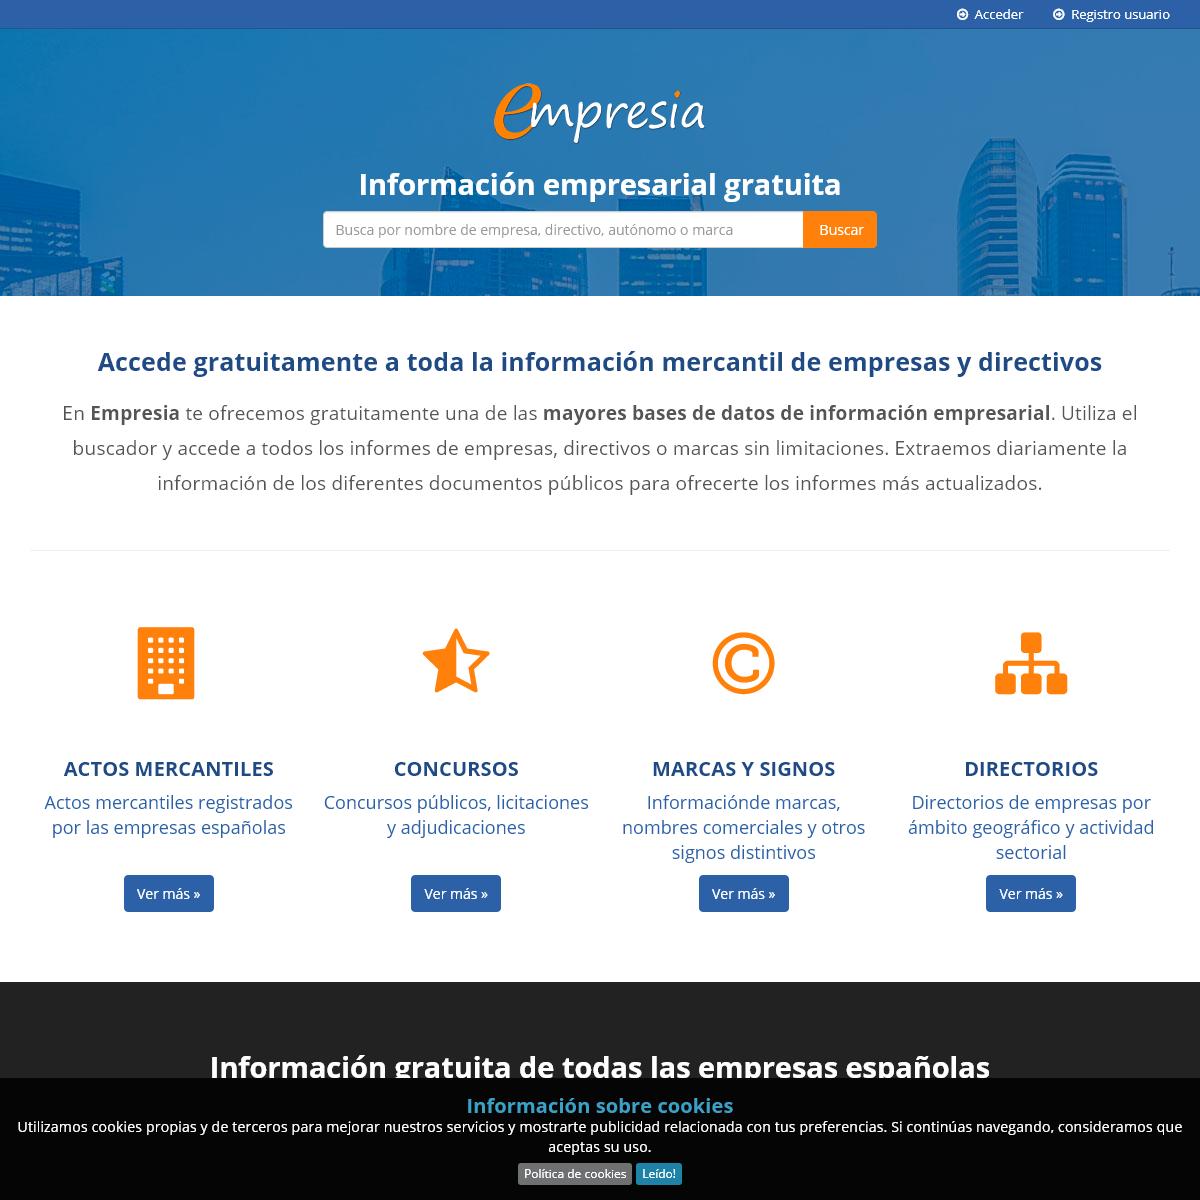 Empresia.es - Informes mercantiles de empresas